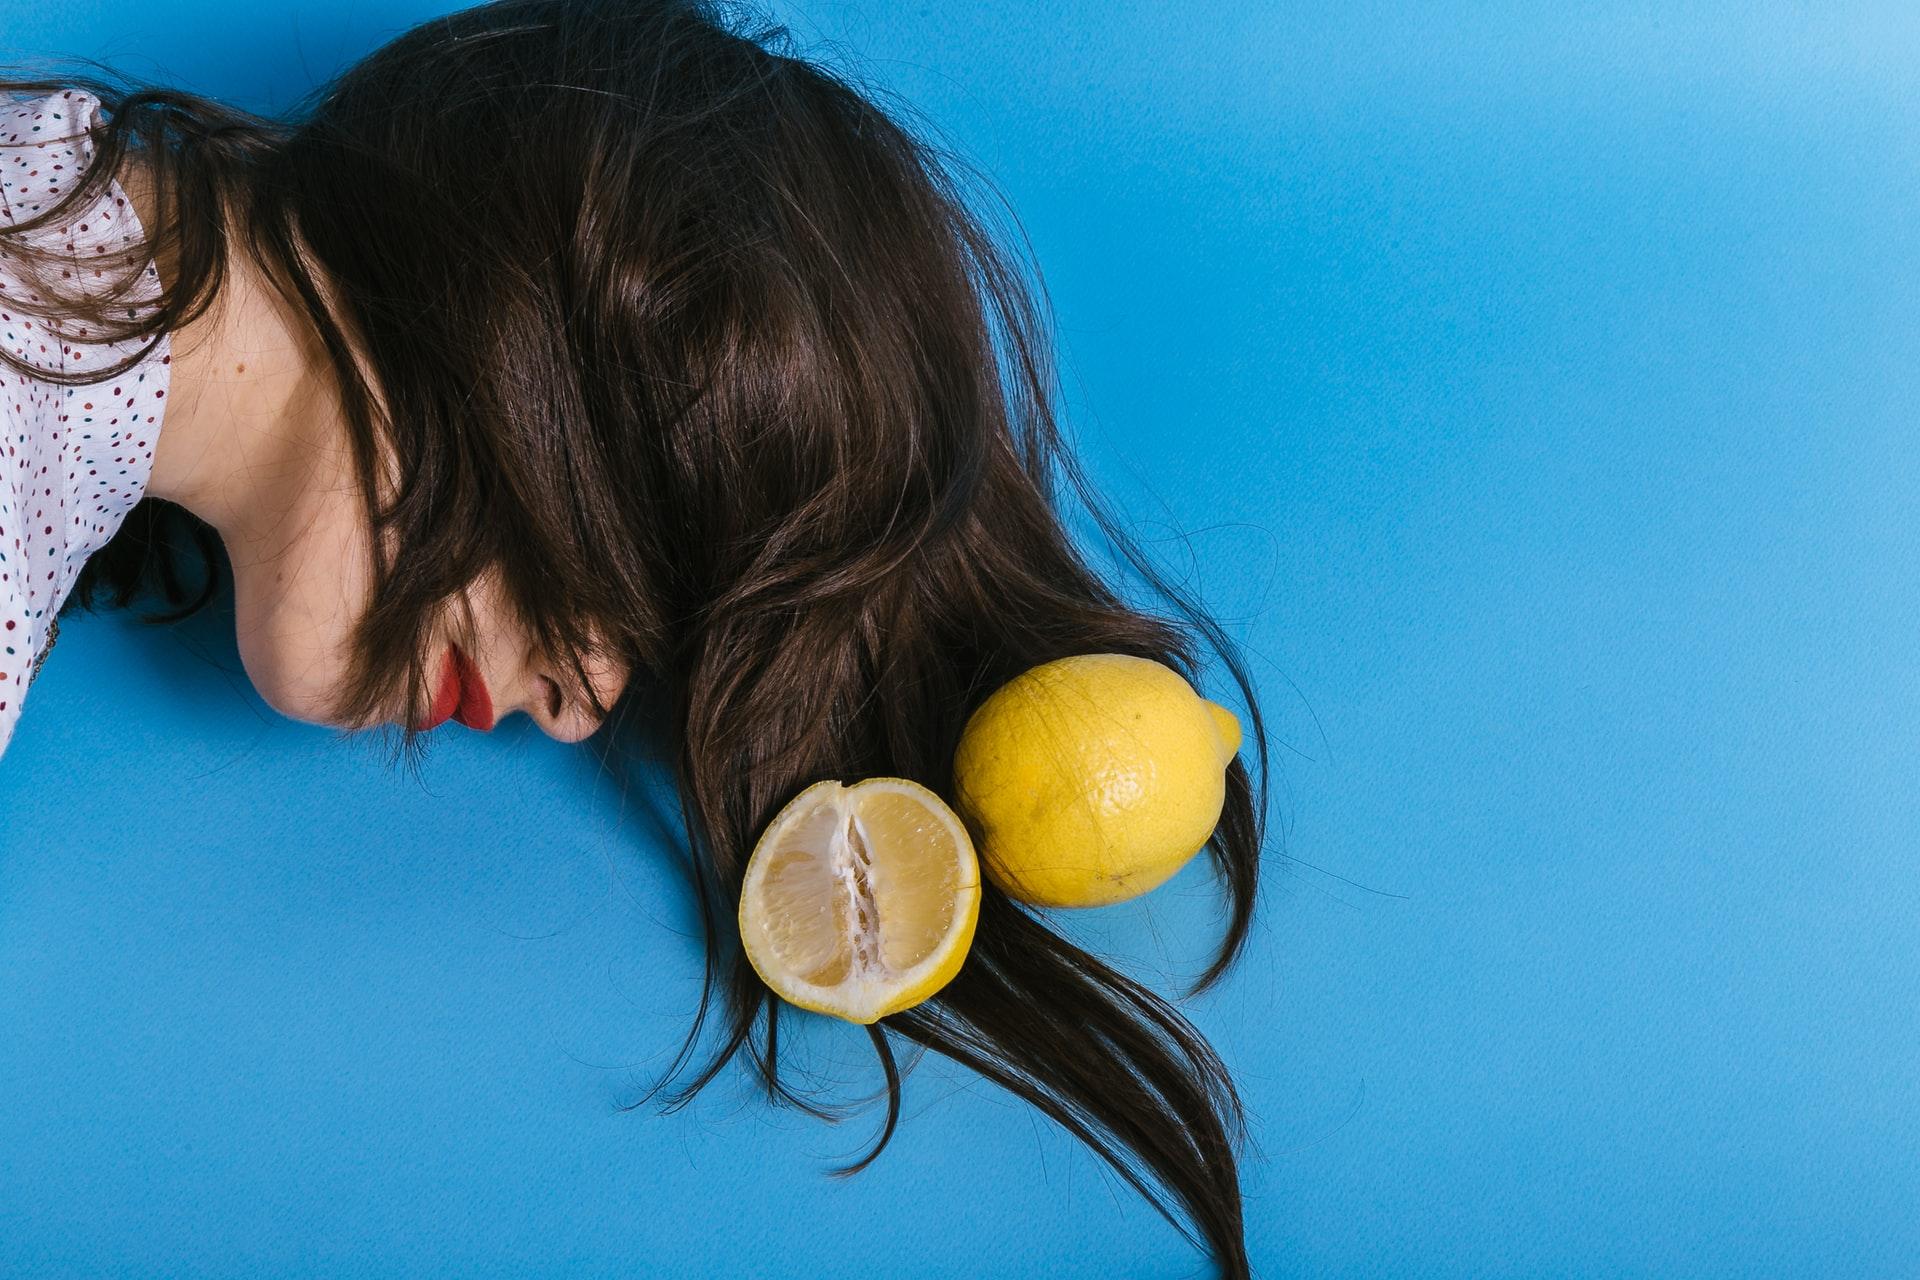 טיפוח השיער: 4 טיפים לשיער בריא יותר